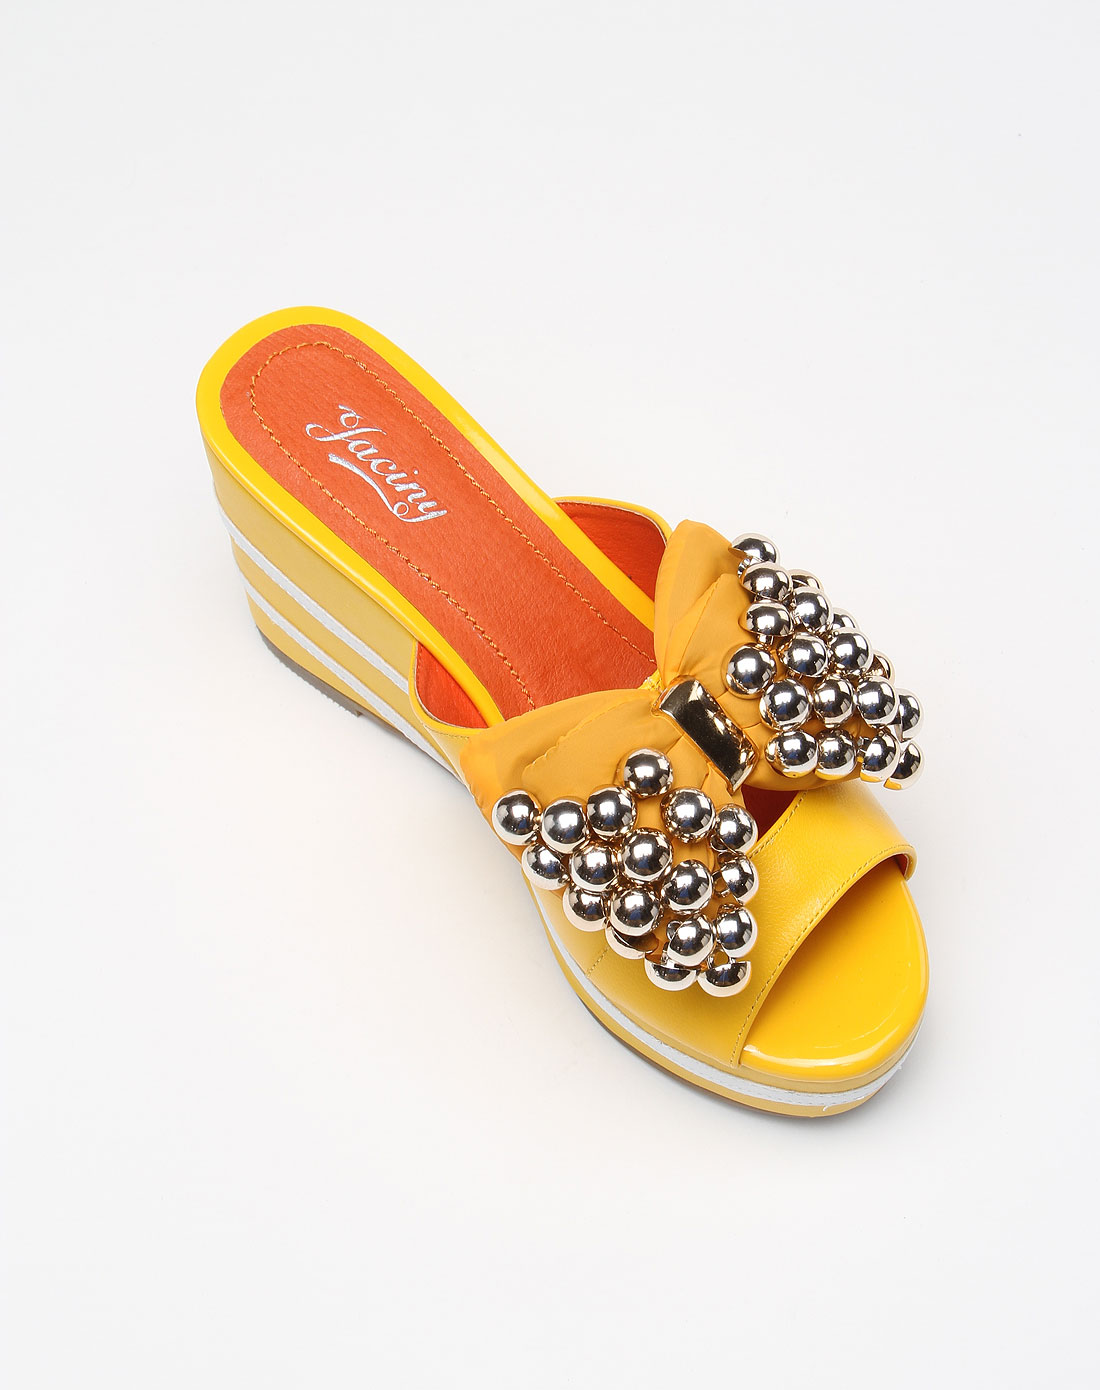 俏皮可爱黄色大蝴蝶结串珠高跟鞋